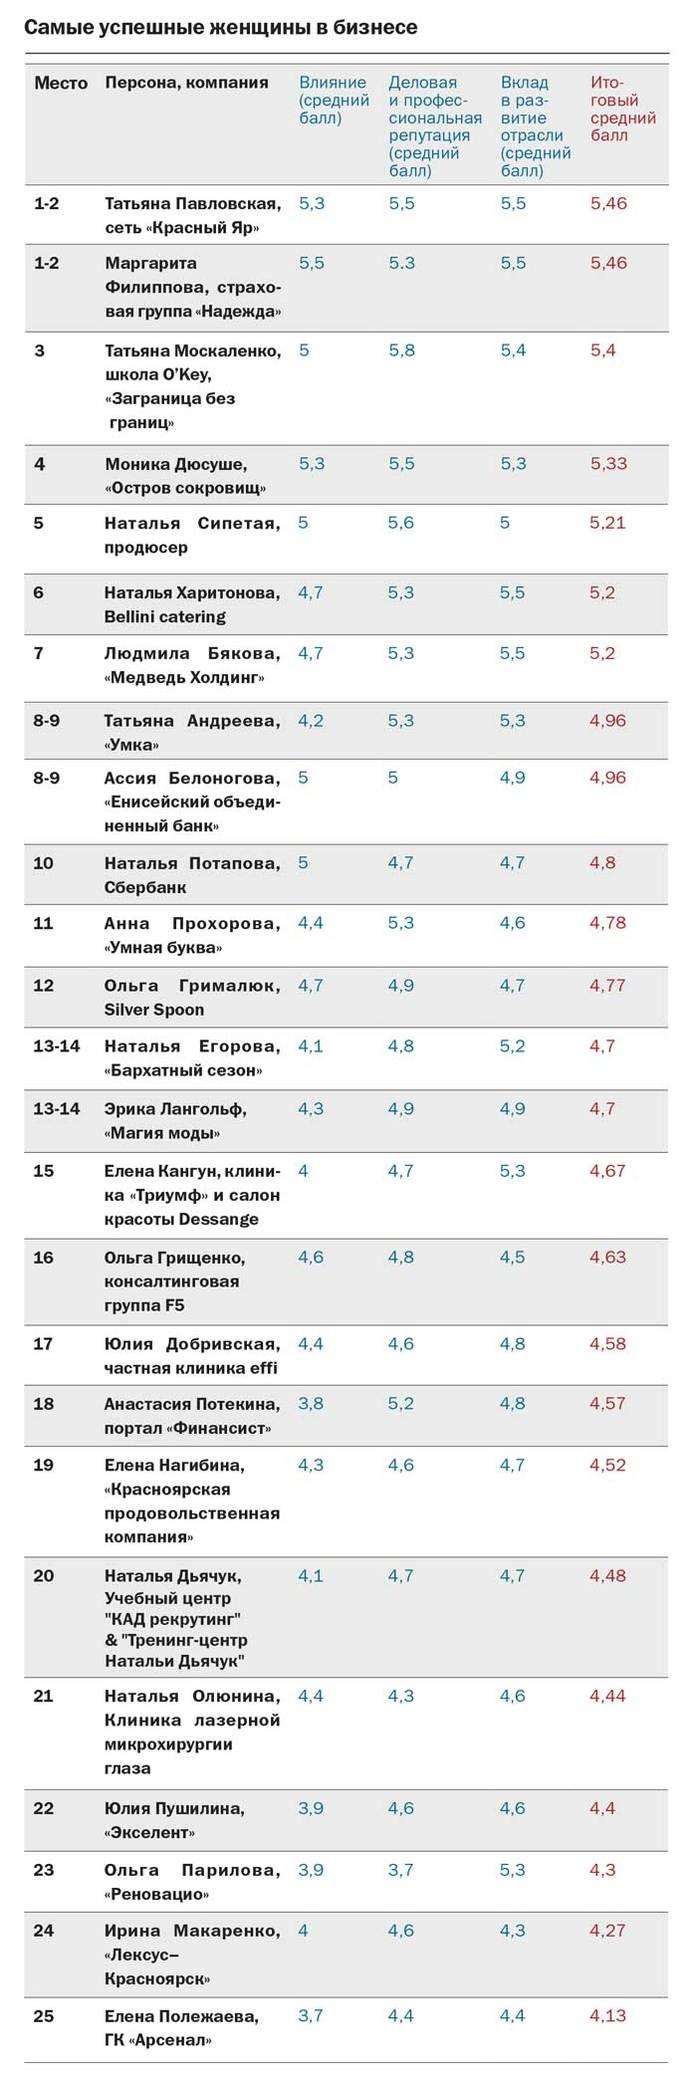 Рейтинг DK.RU: самые успешные женщины Красноярска в бизнесе  4